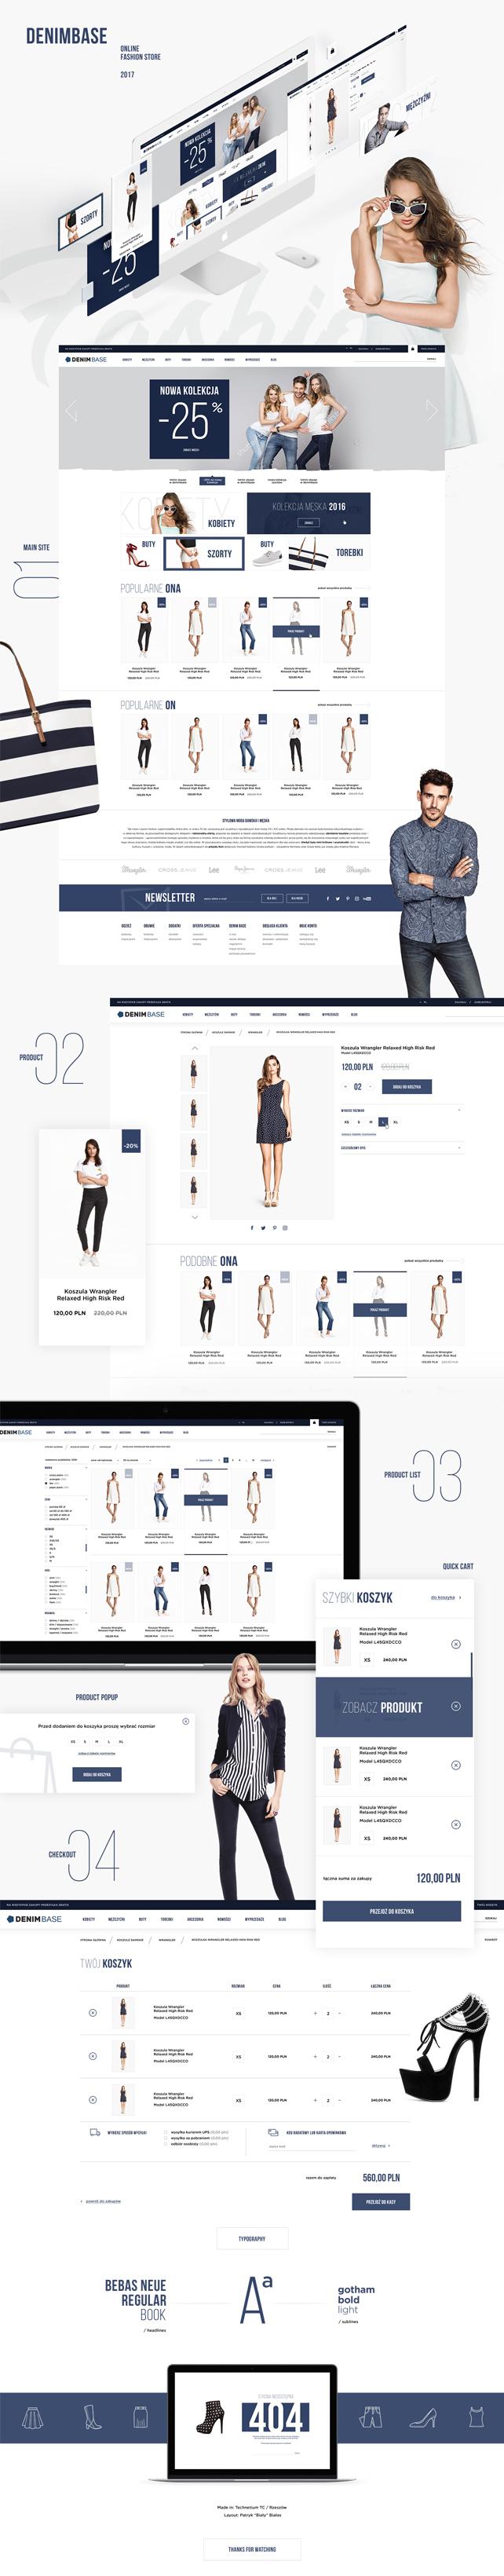 Sklep on-line, projekt graficzny denimbase.pl jeansowe ubrania najlepszych marek